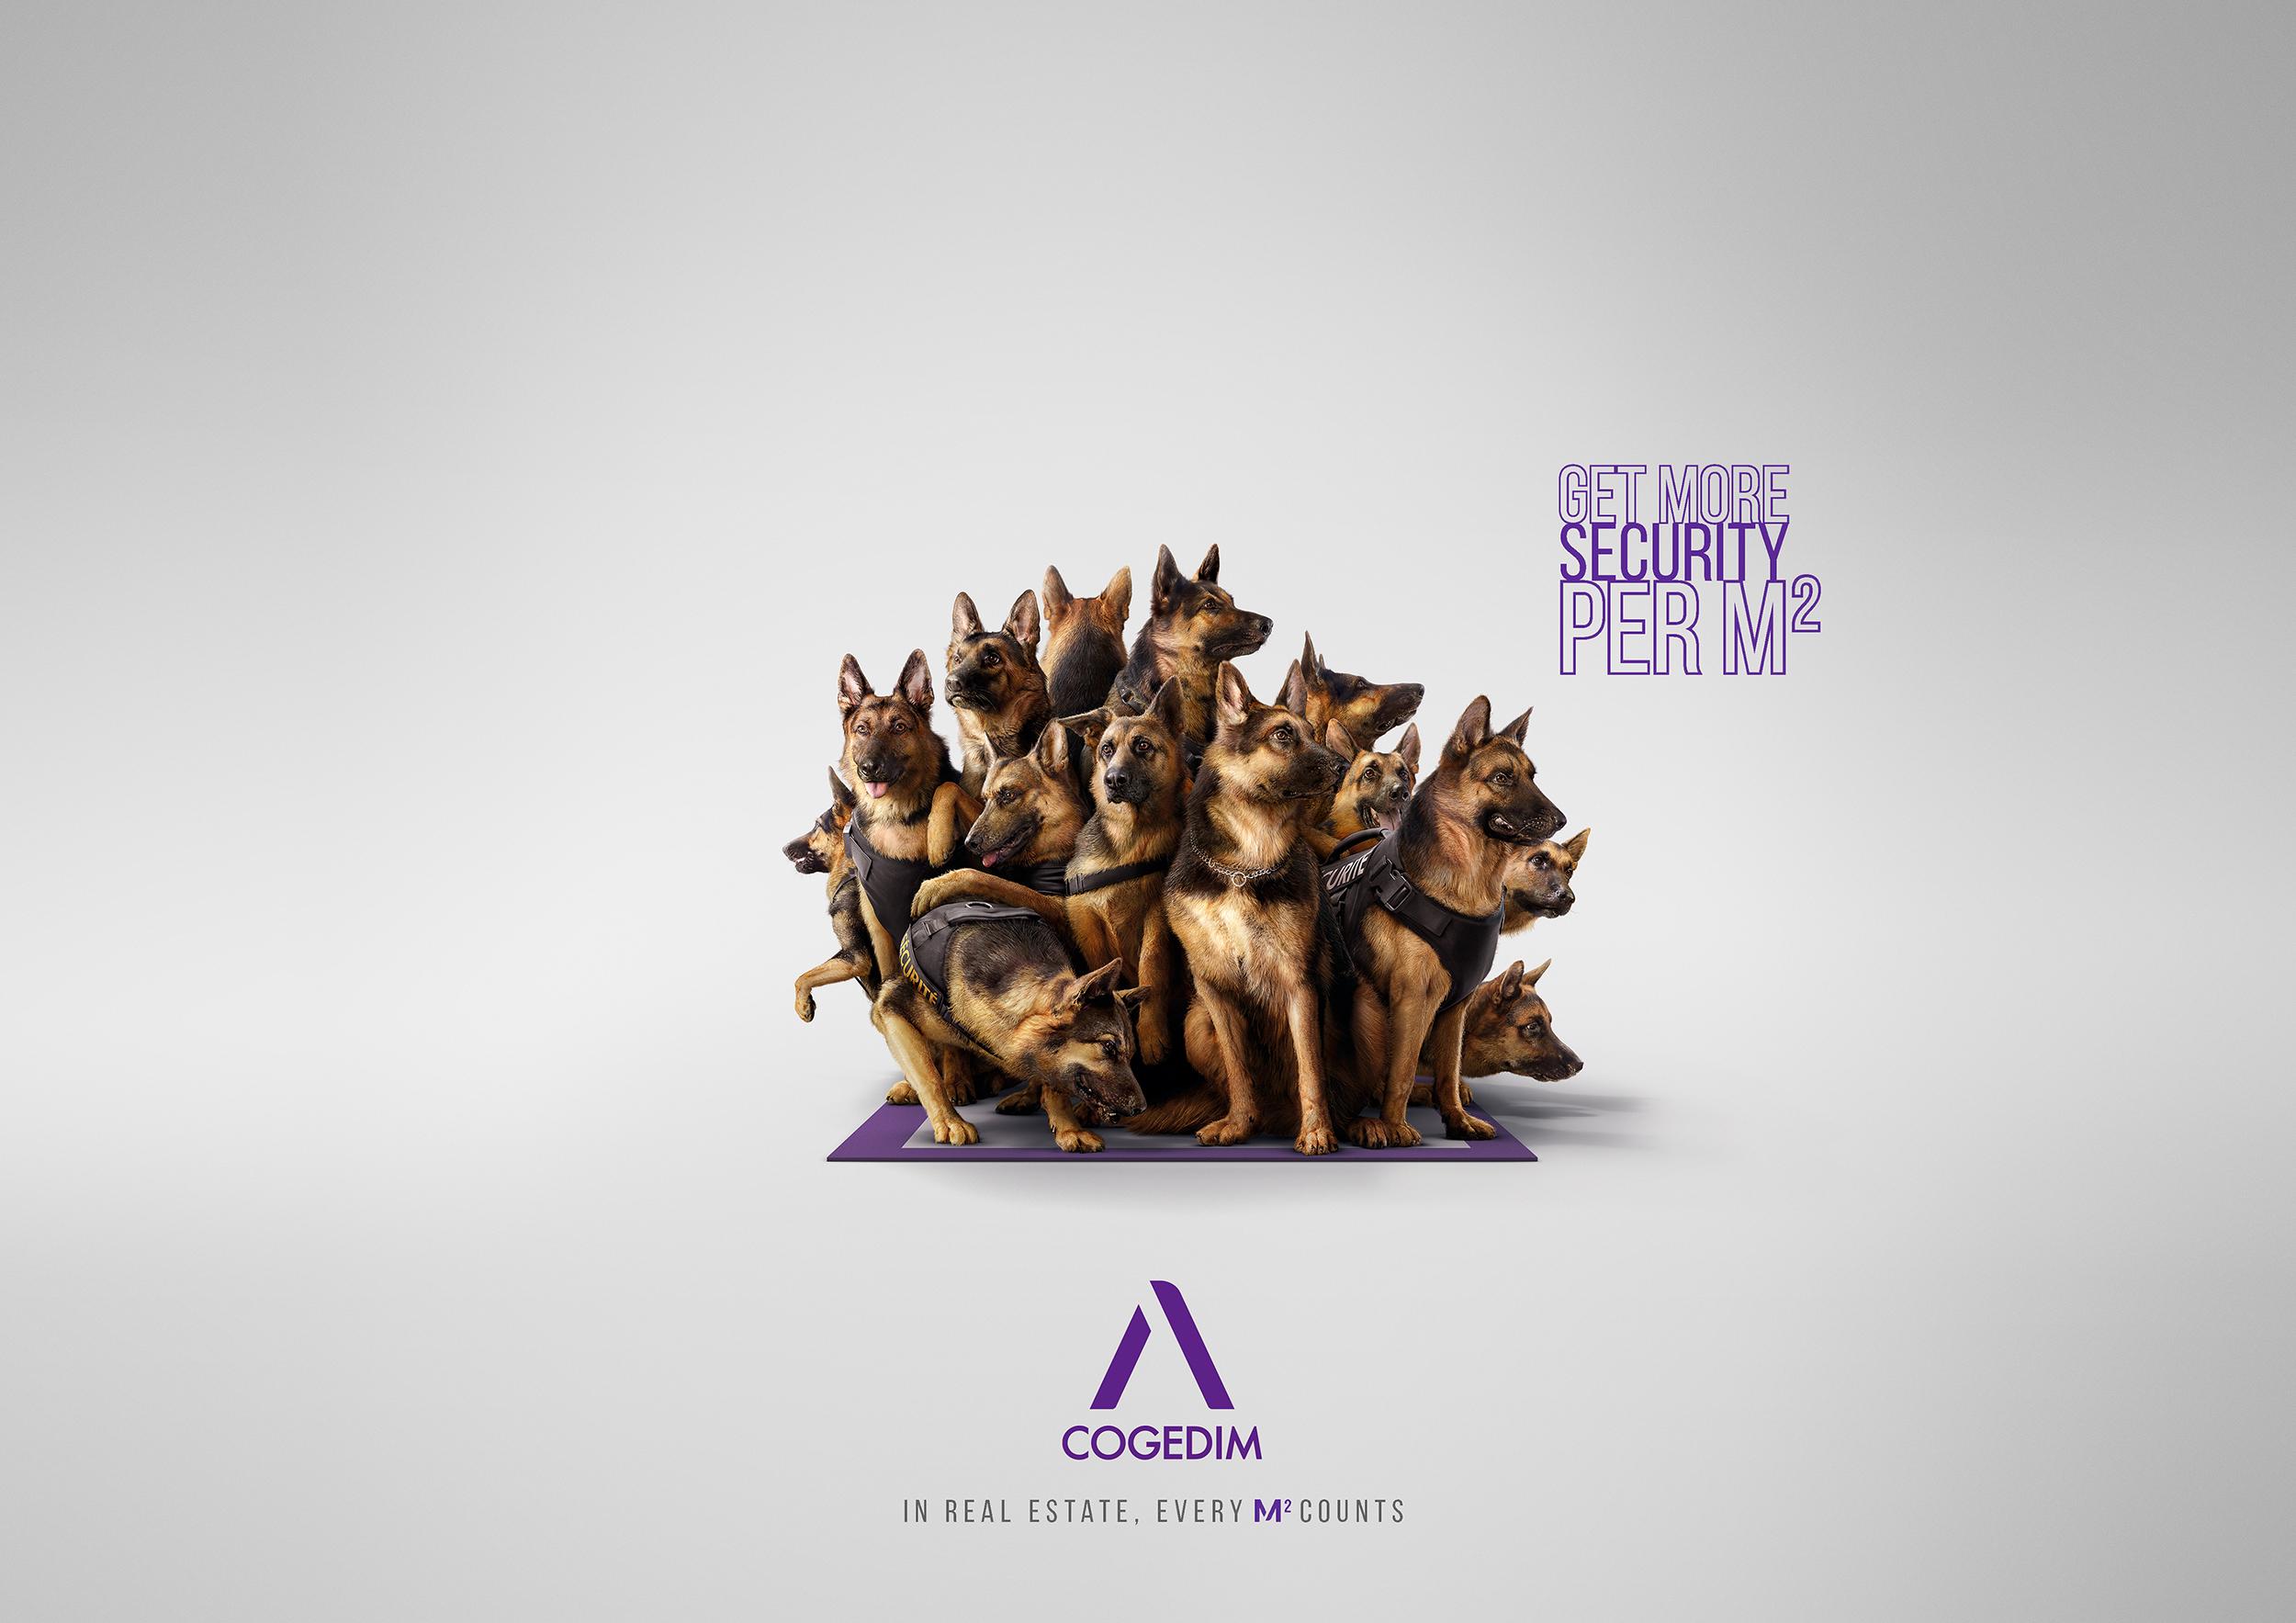 C_cogedim_security_Srgb.jpg